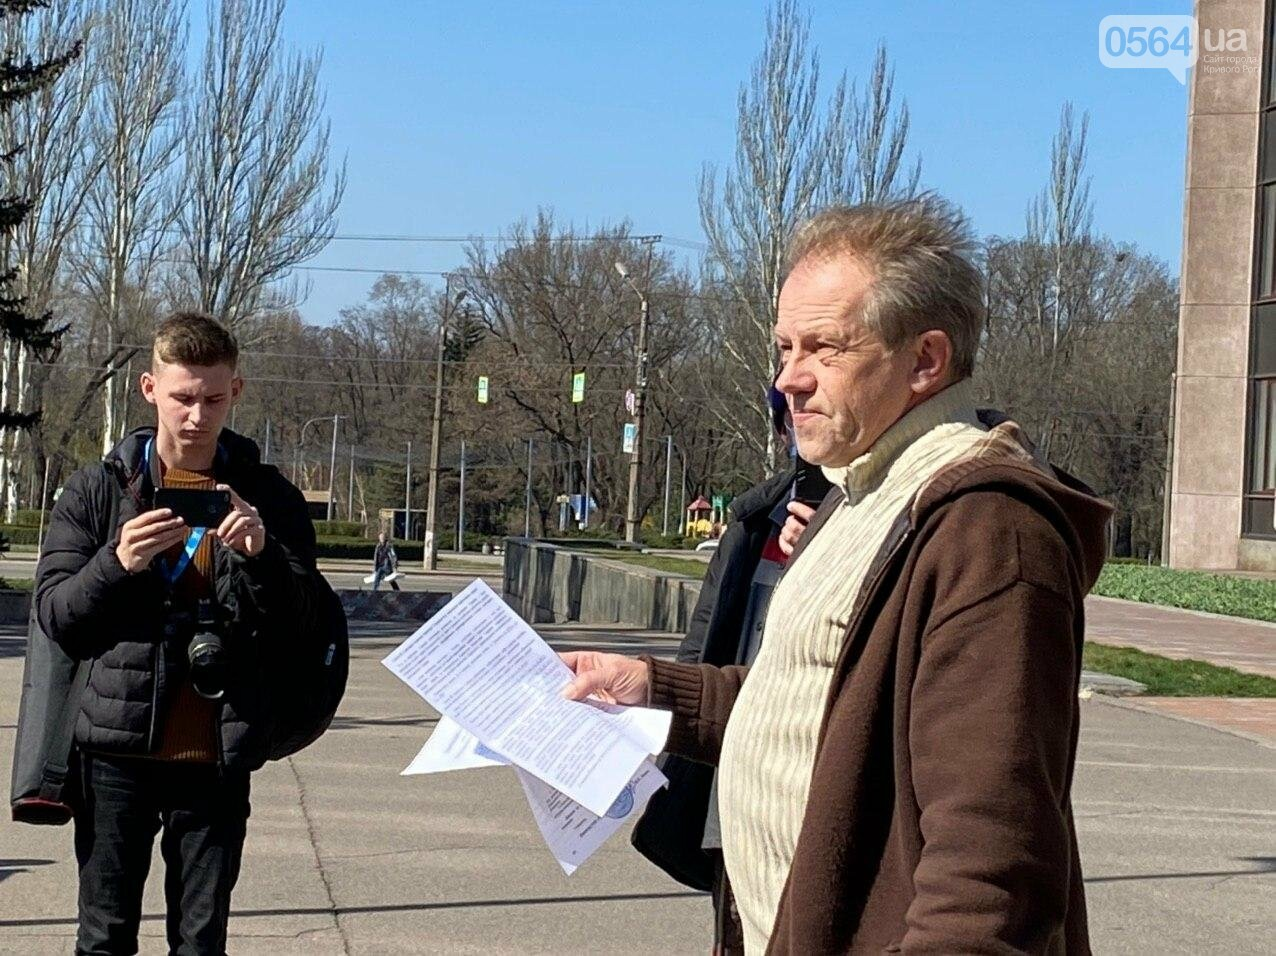 Криворожские предприниматели устроили акцию под горсоветом, - ФОТО, ВИДЕО, фото-8